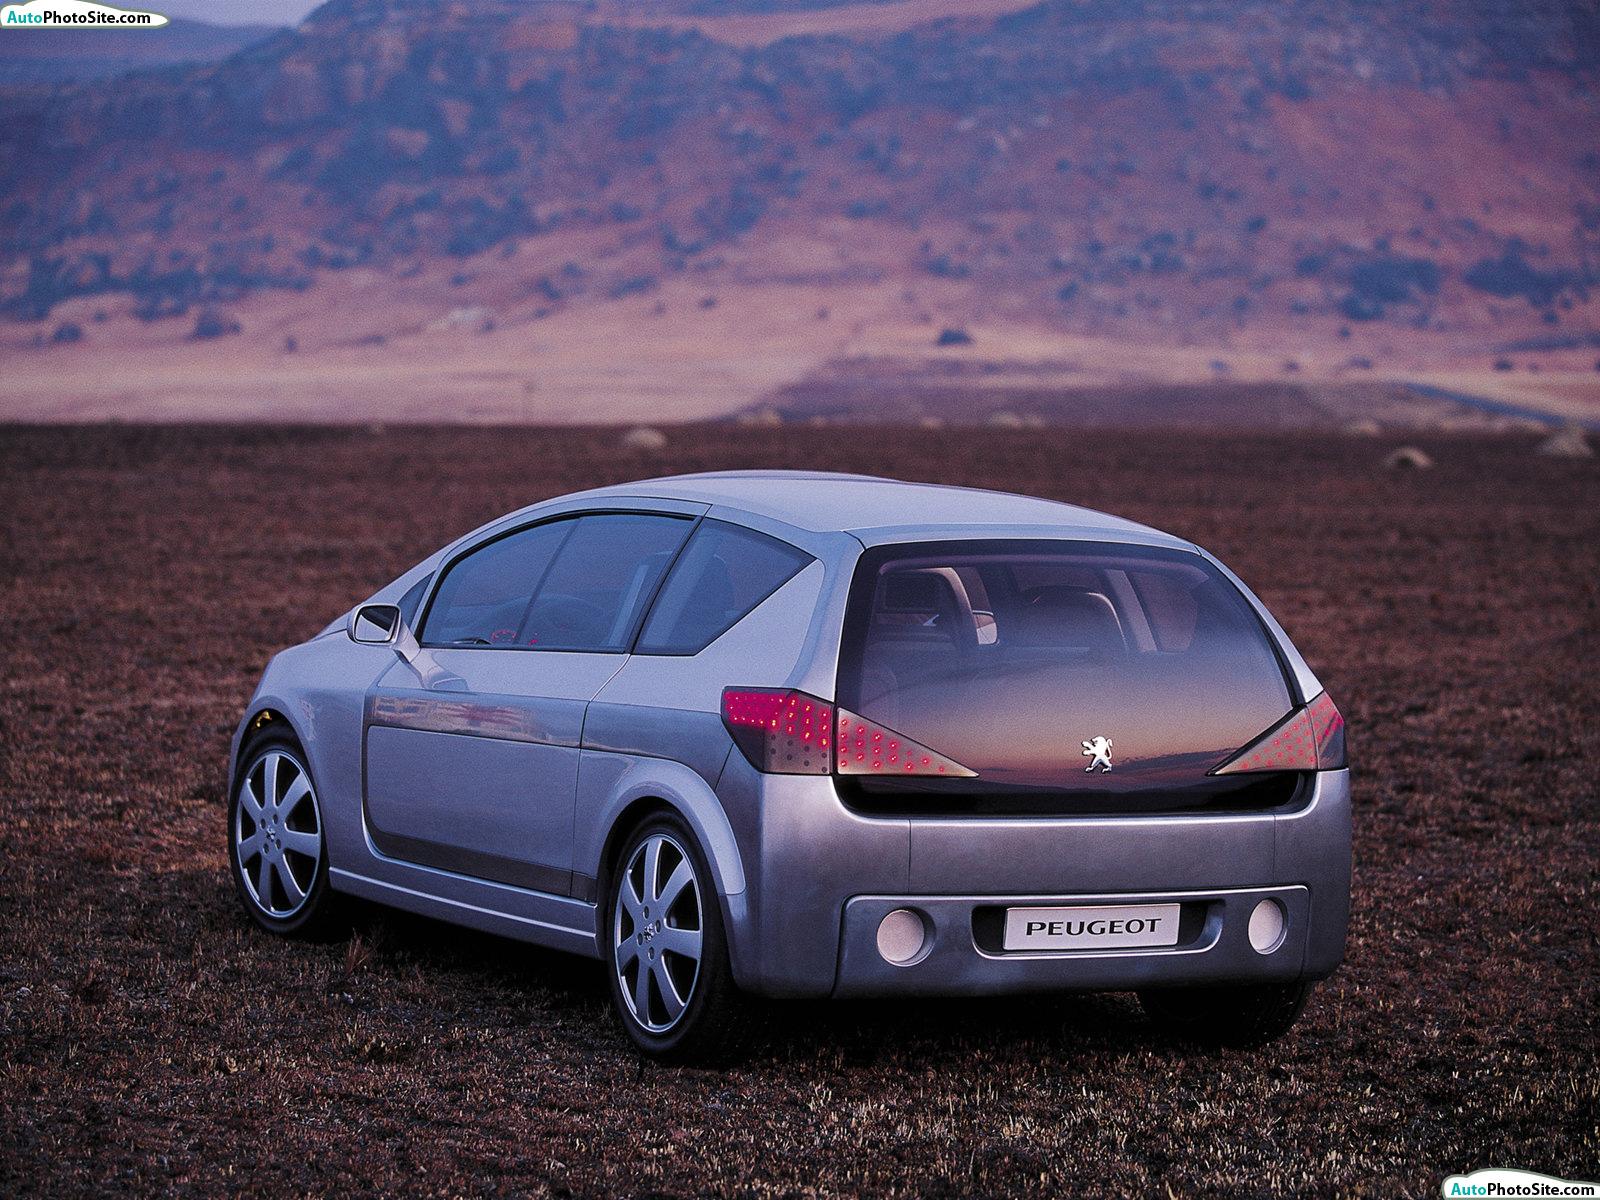 Peugeot Promethee